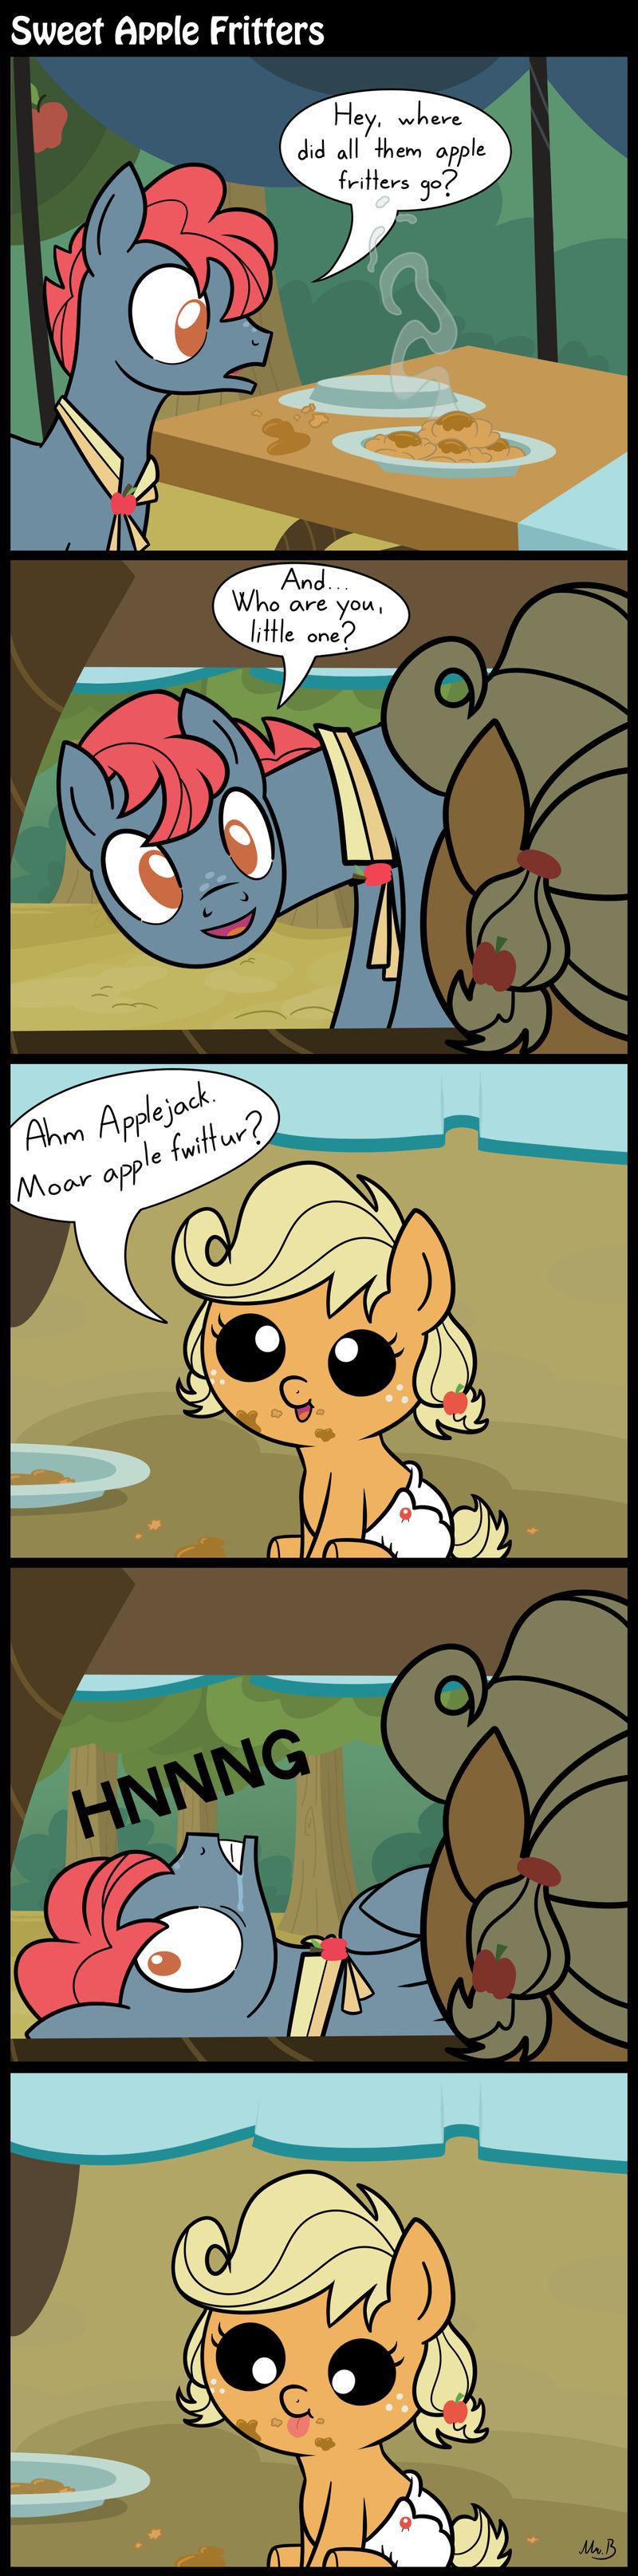 Sweet Apple Fritters by MrBastoff